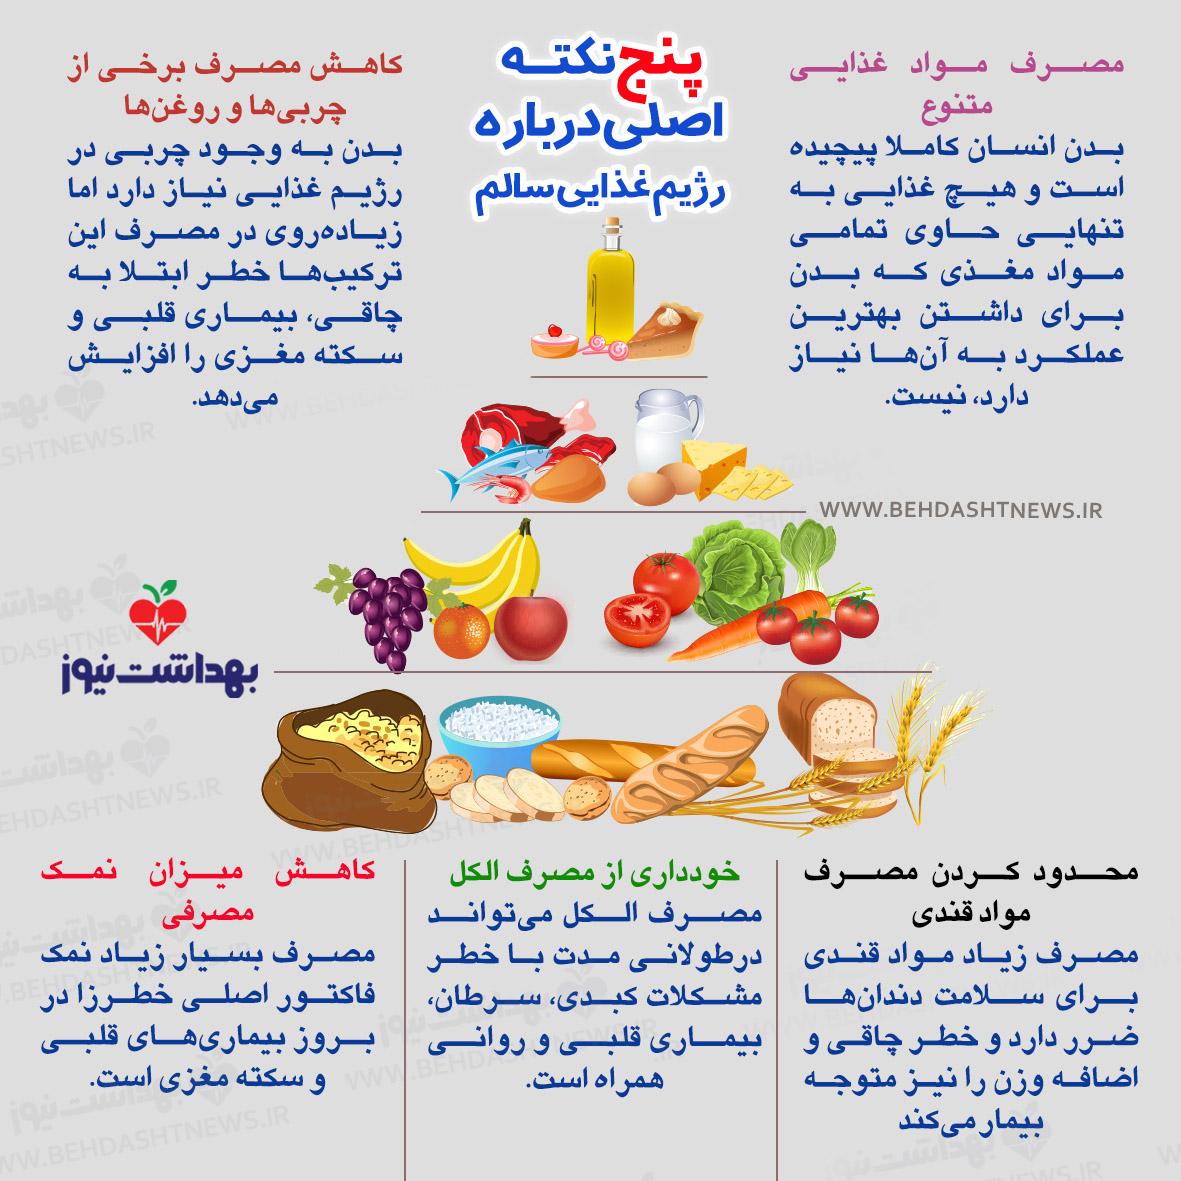 پنج نکتـــه اصلی درباره رژیم غذایی سالم